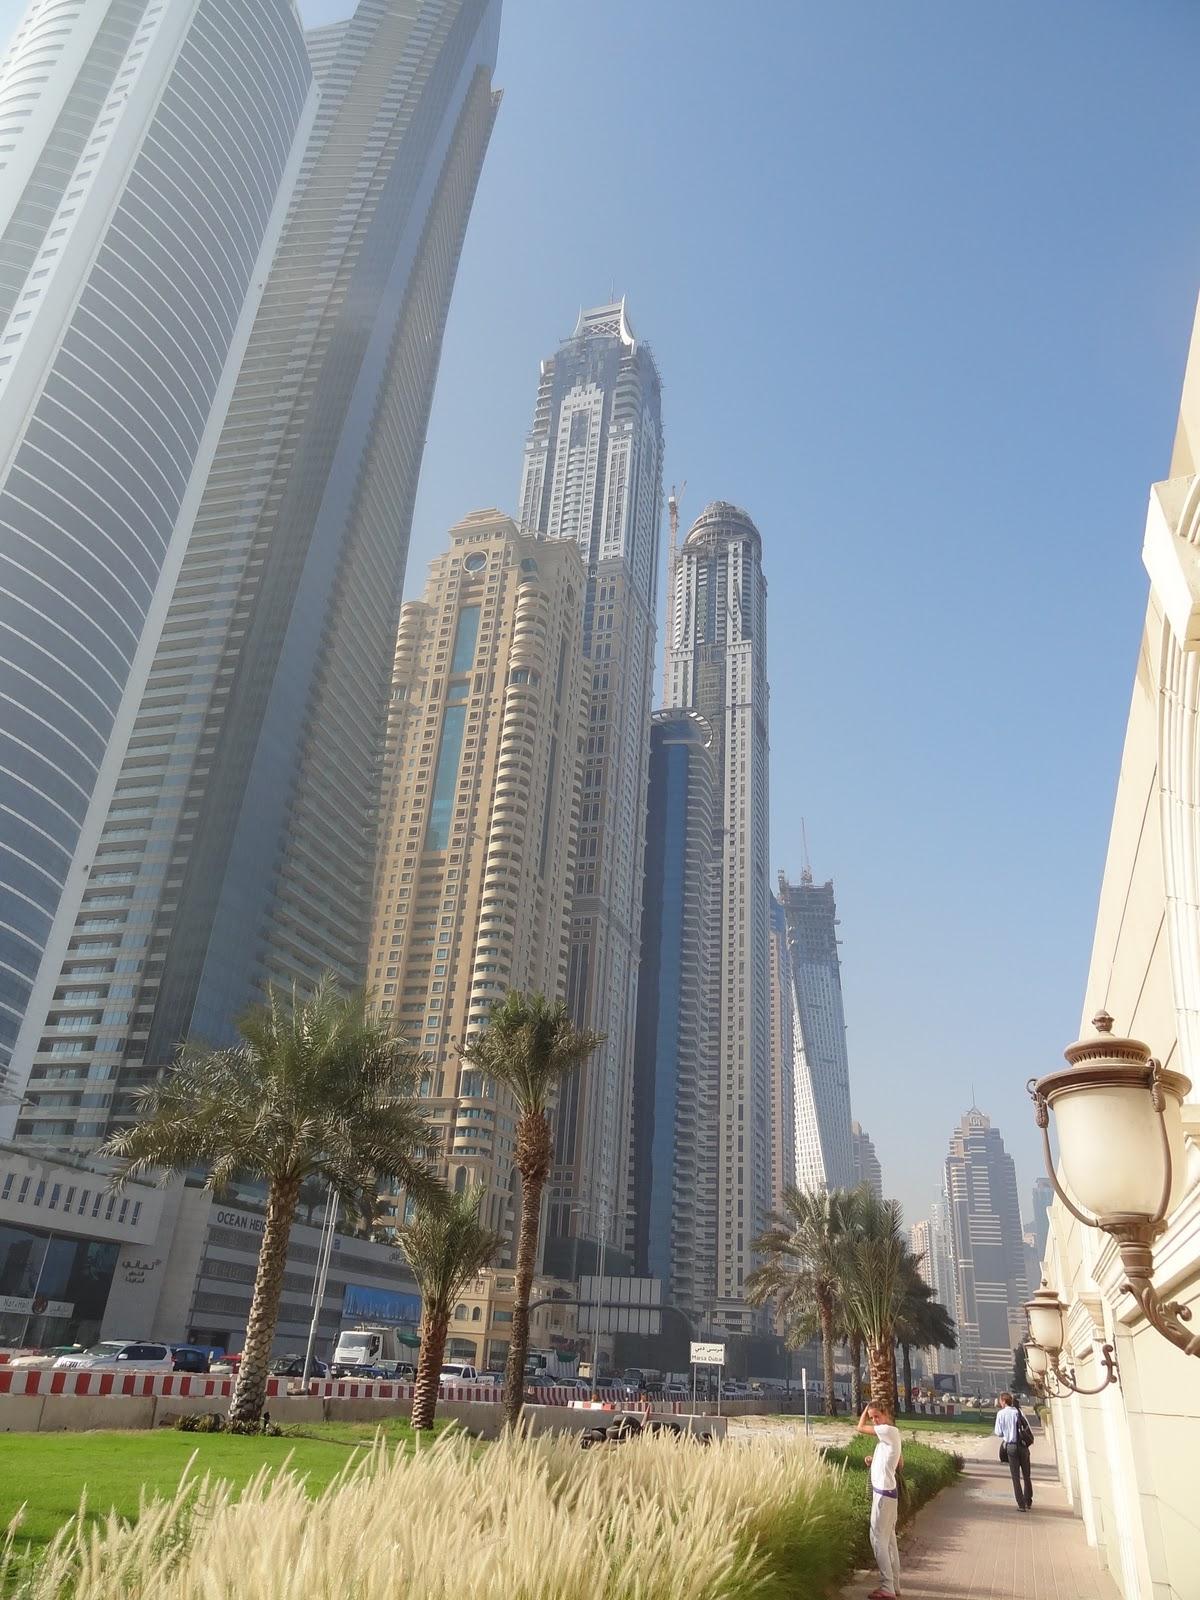 bilder bibliothek dubai skyline 2011 vereinigte arabische emirate. Black Bedroom Furniture Sets. Home Design Ideas